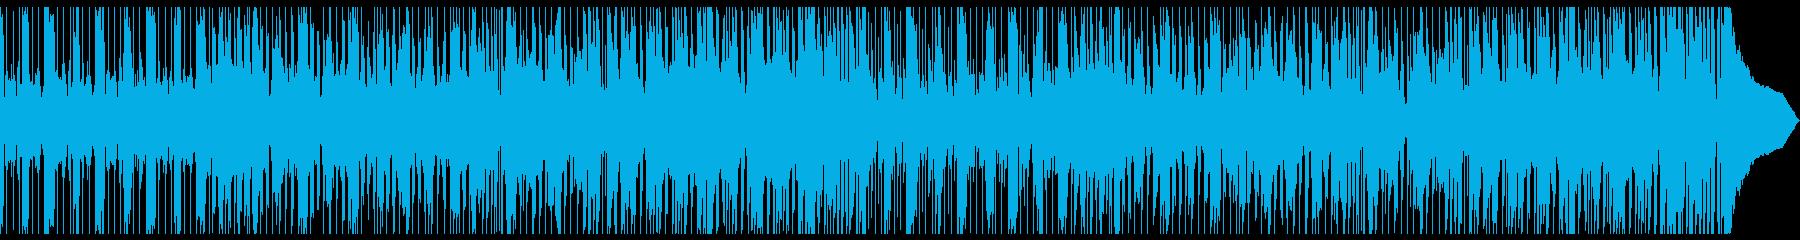 悪カッコ良いギターロックの再生済みの波形